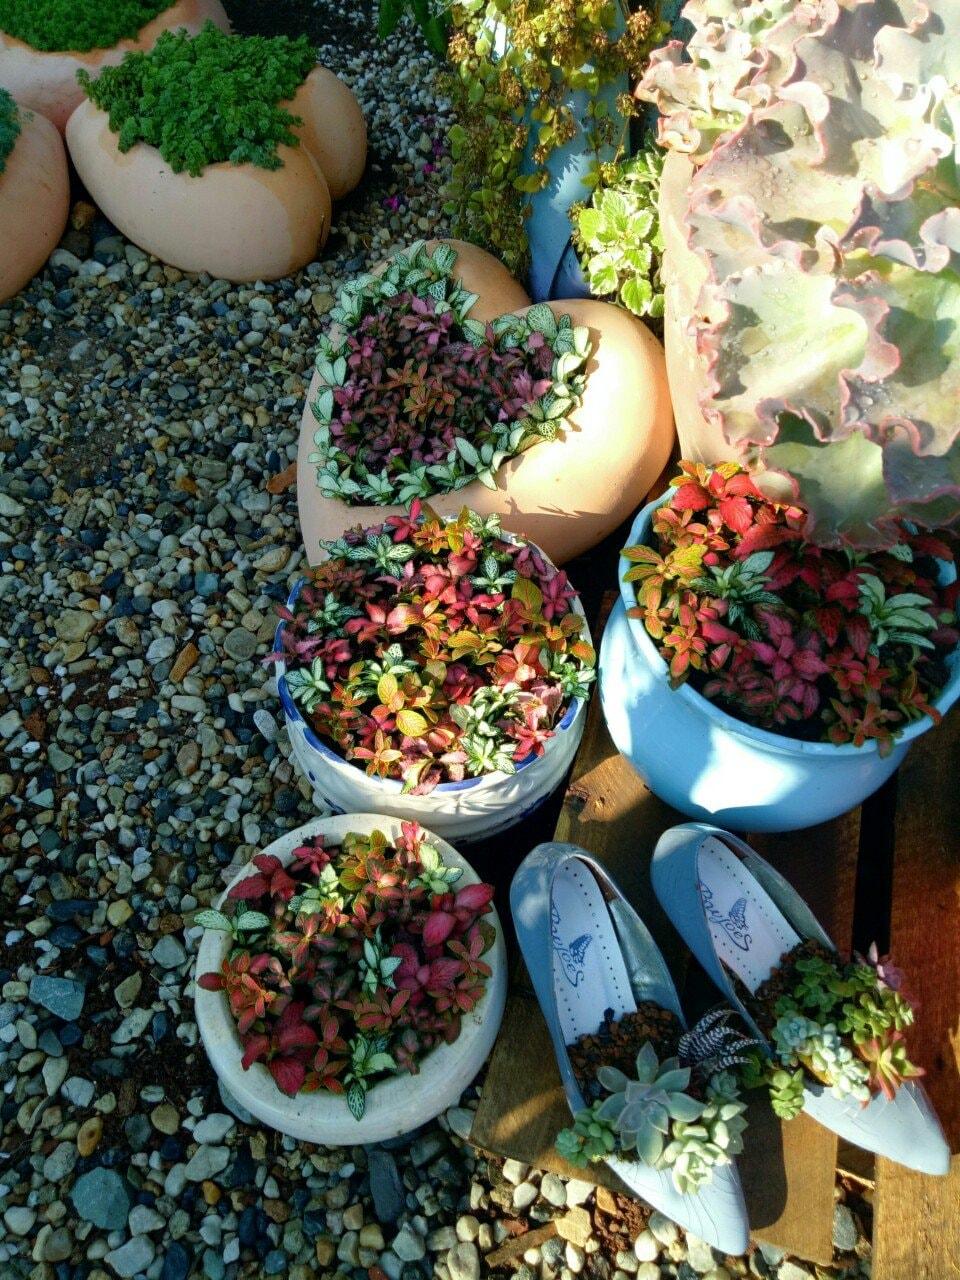 Cây cảnh trồng trong chậu hình trái tim và đôi giày cũ